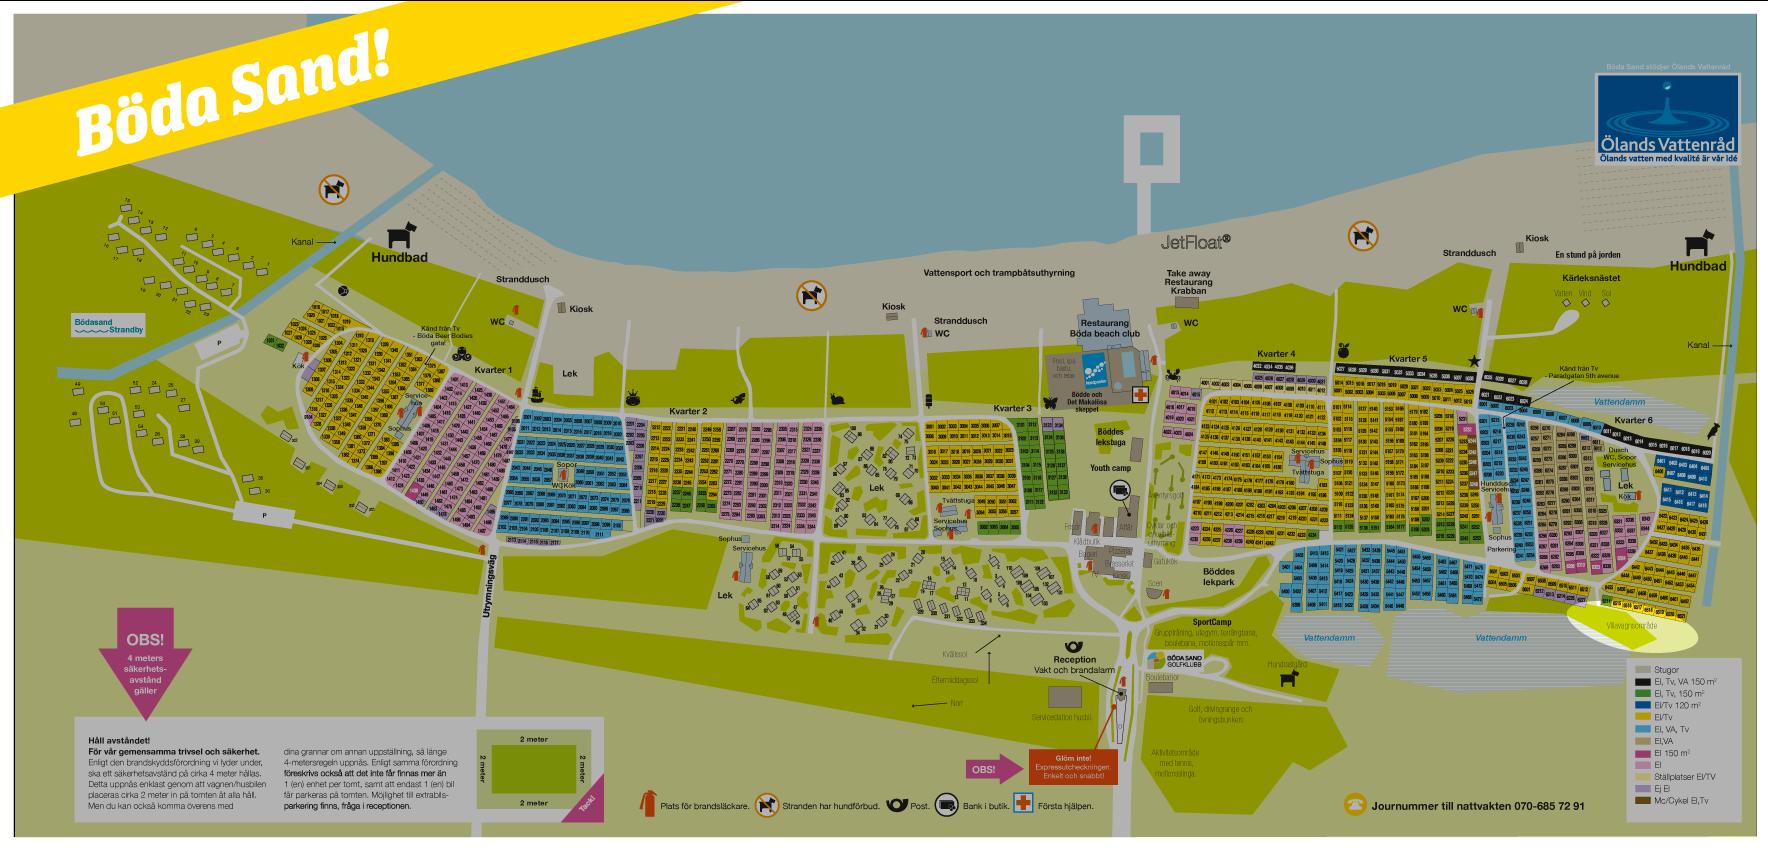 böda camping karta Villavagn 3, 36 m², 6 bäddar   Böda Sand böda camping karta